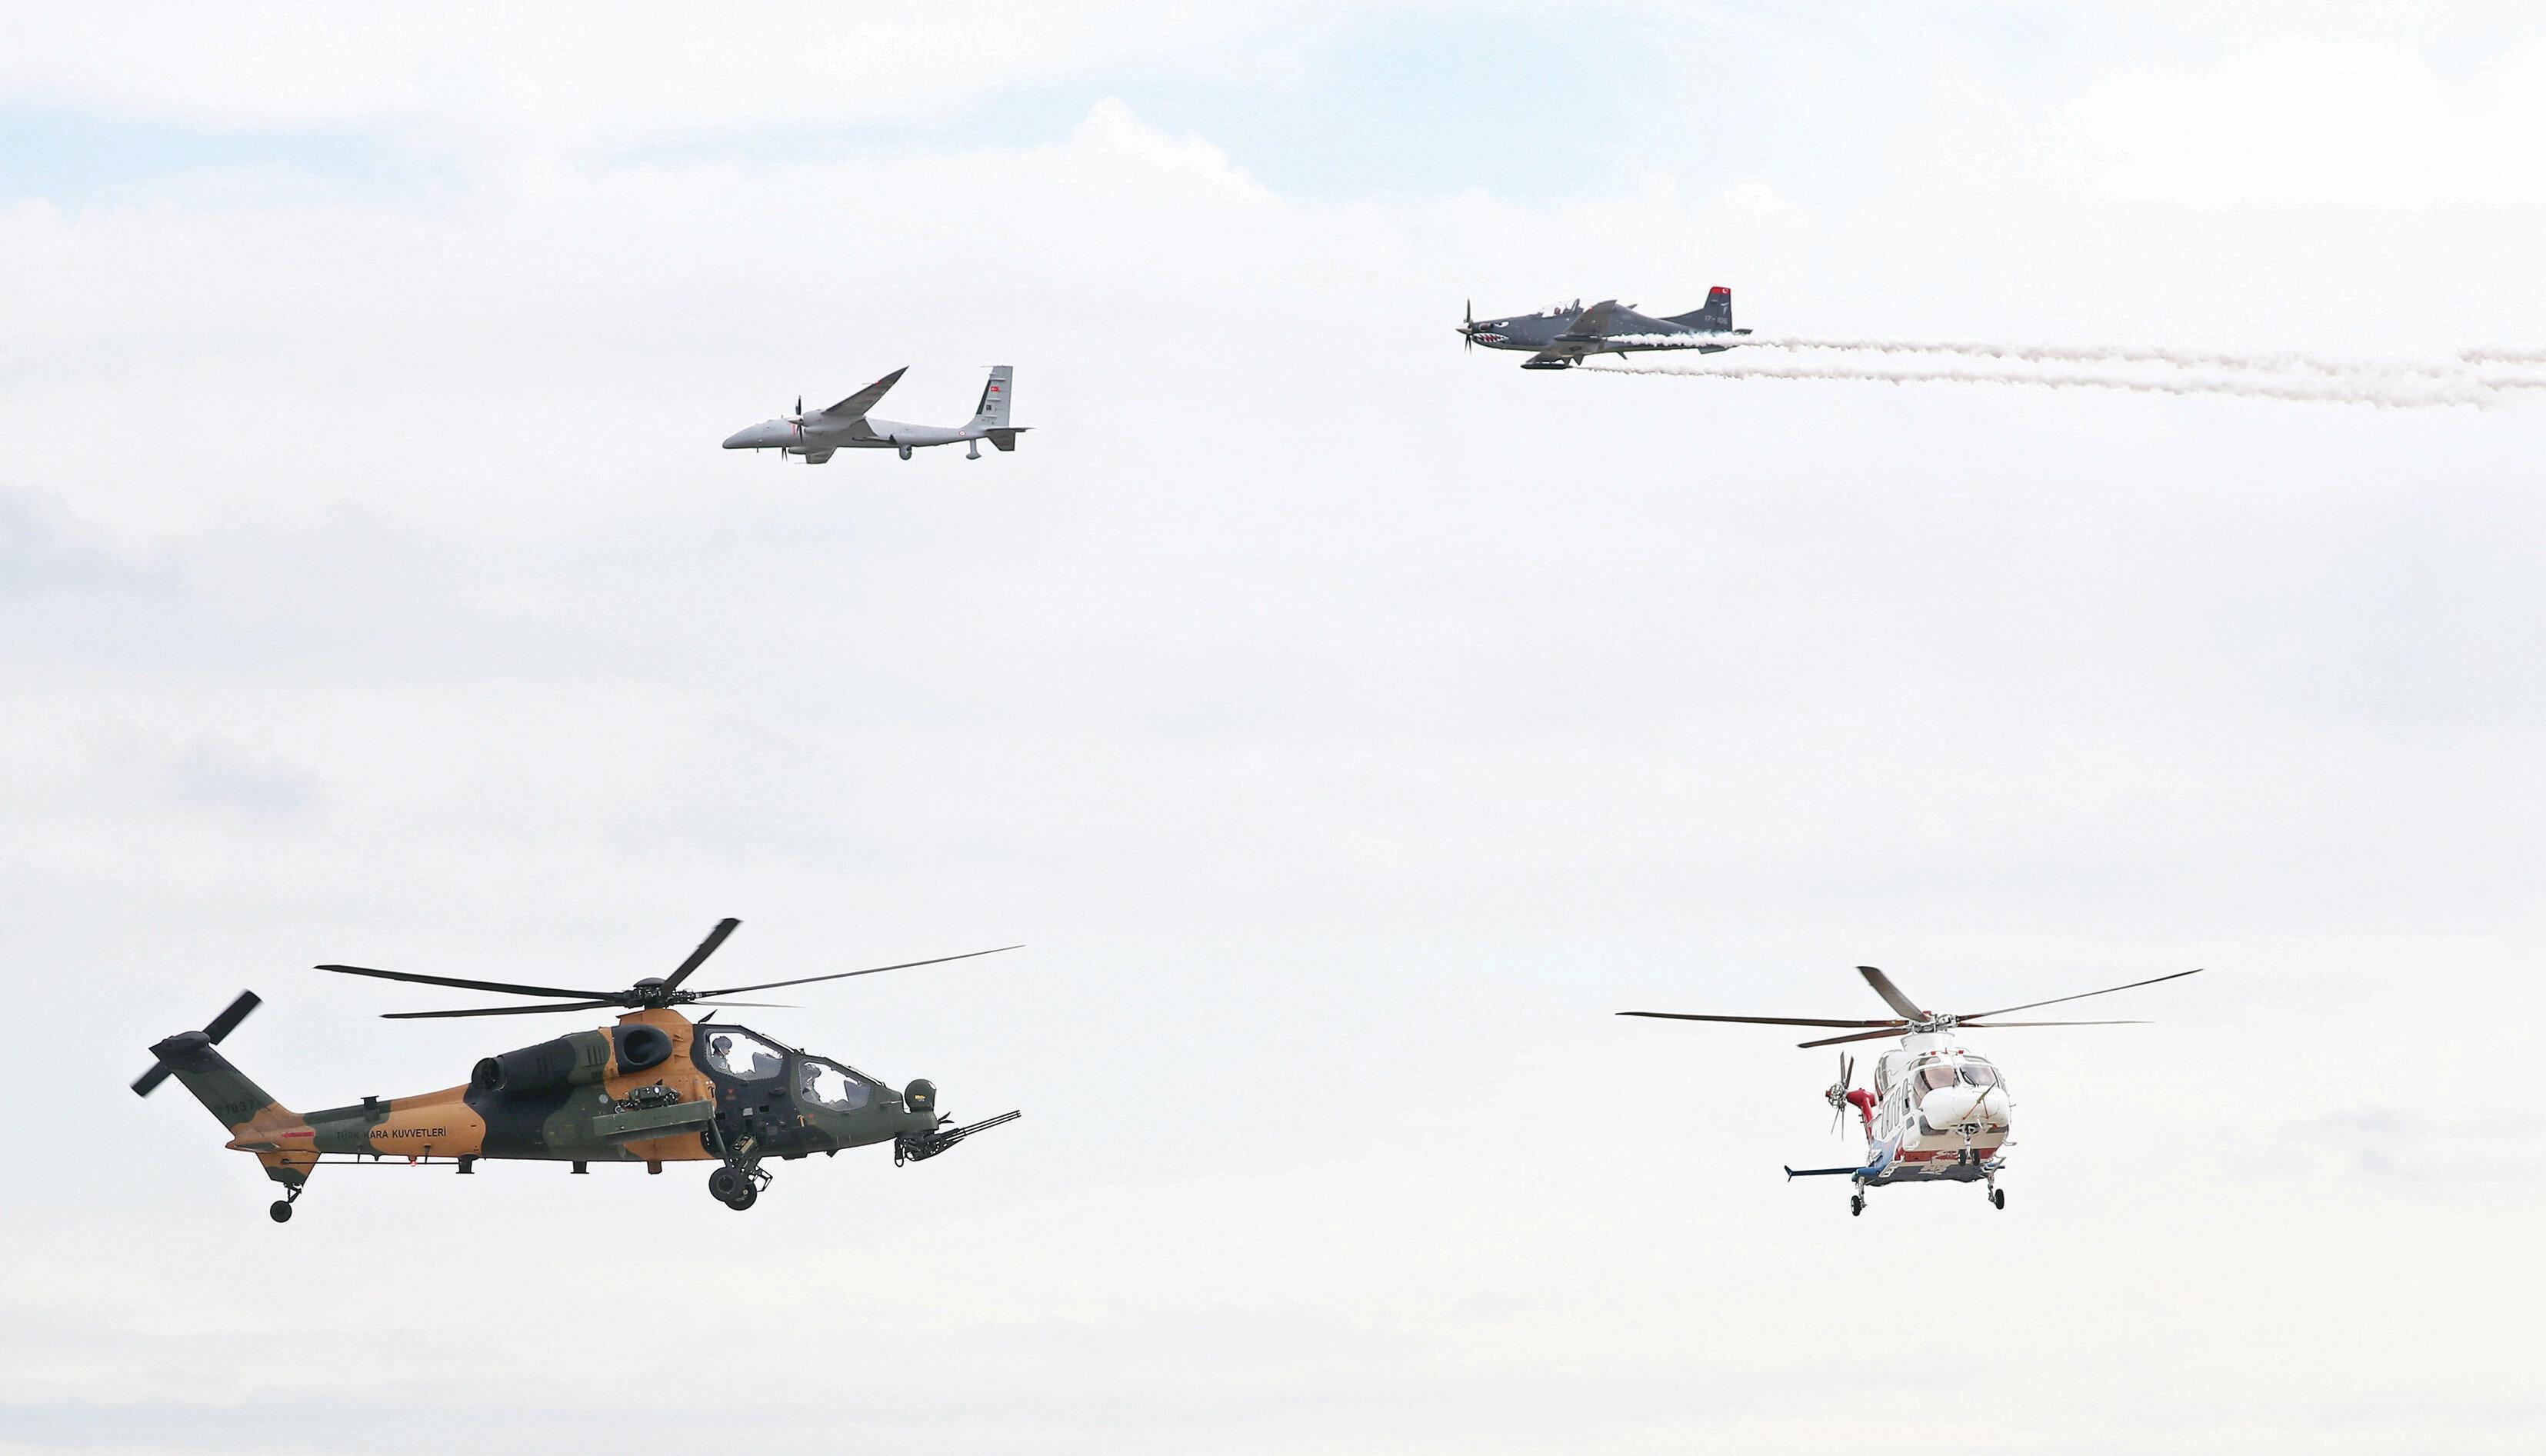 Gösteri uçuşu yapan Akıncı TİHA, ATAK helikopteri, HÜRKUŞ ve GÖKBEY aynı karede yer aldı. Akıncı'nın gösteri uçuşunu Selçuk Bayraktar da ailesi ile birlikte izledi.